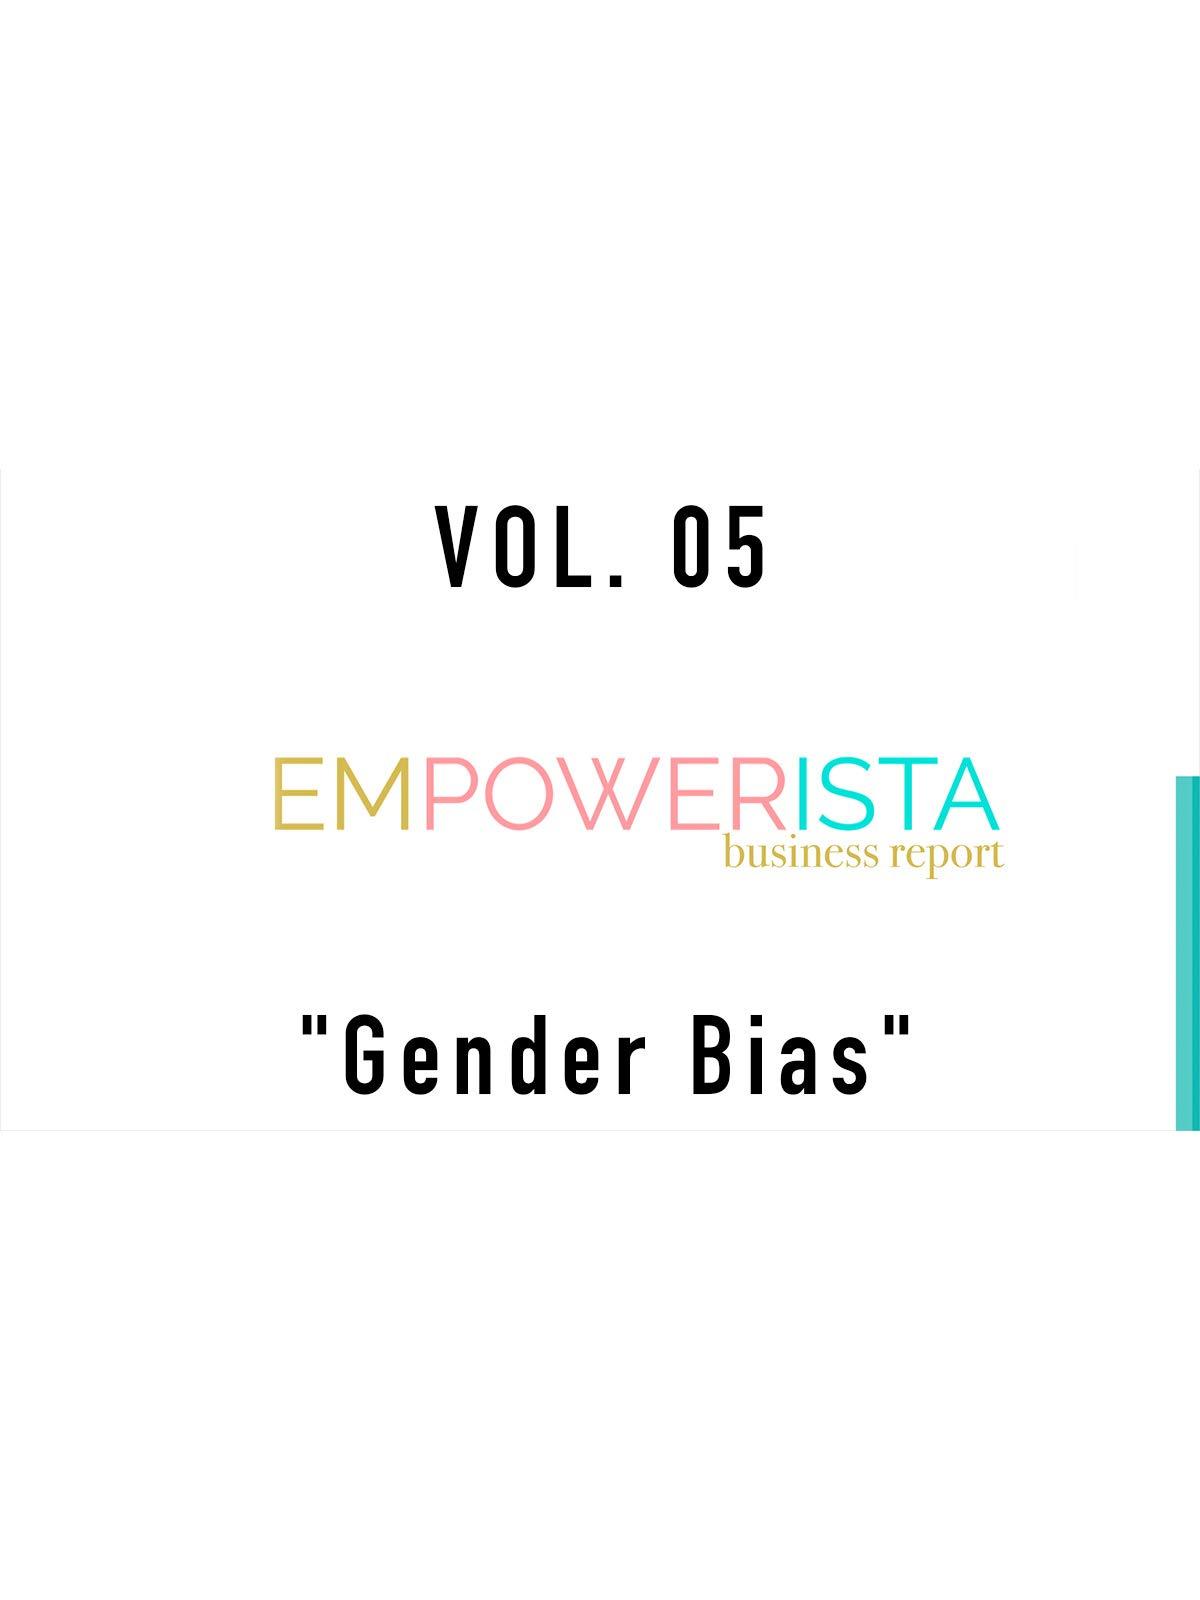 Empowerista Vol. 05